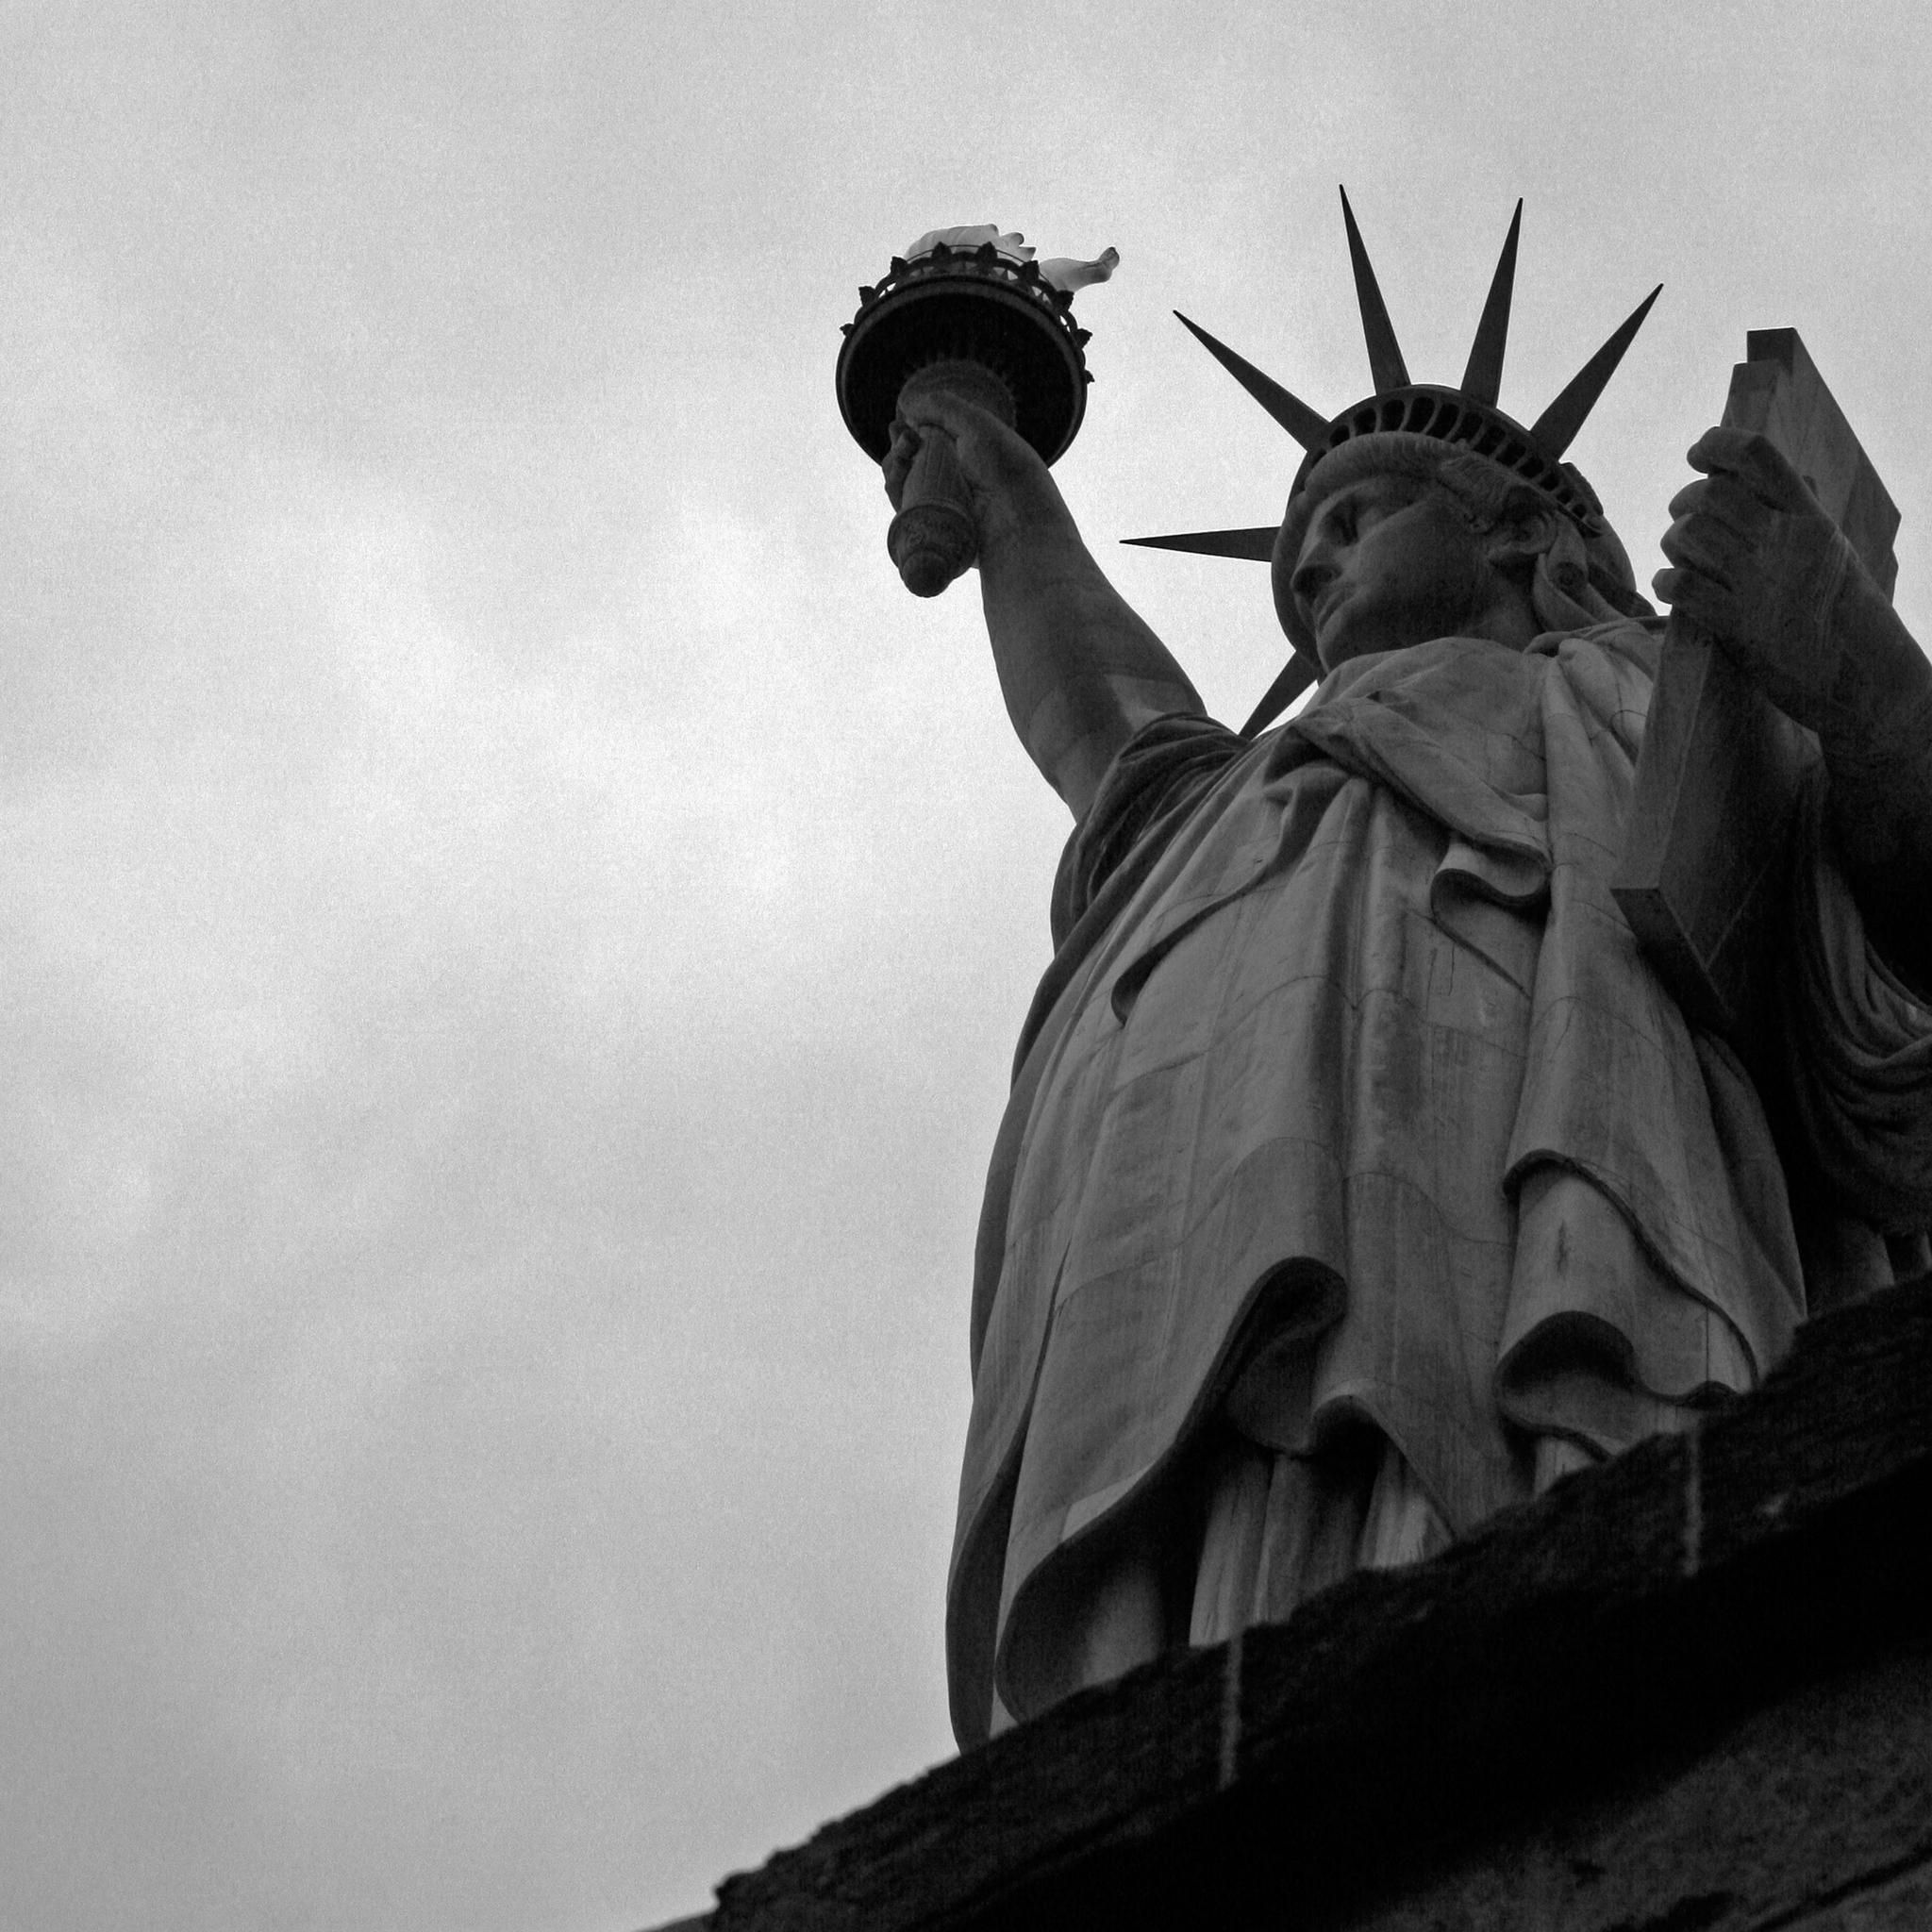 Statut de la liberte 3 Wallpapers iPad Statut de la Liberté   iPad